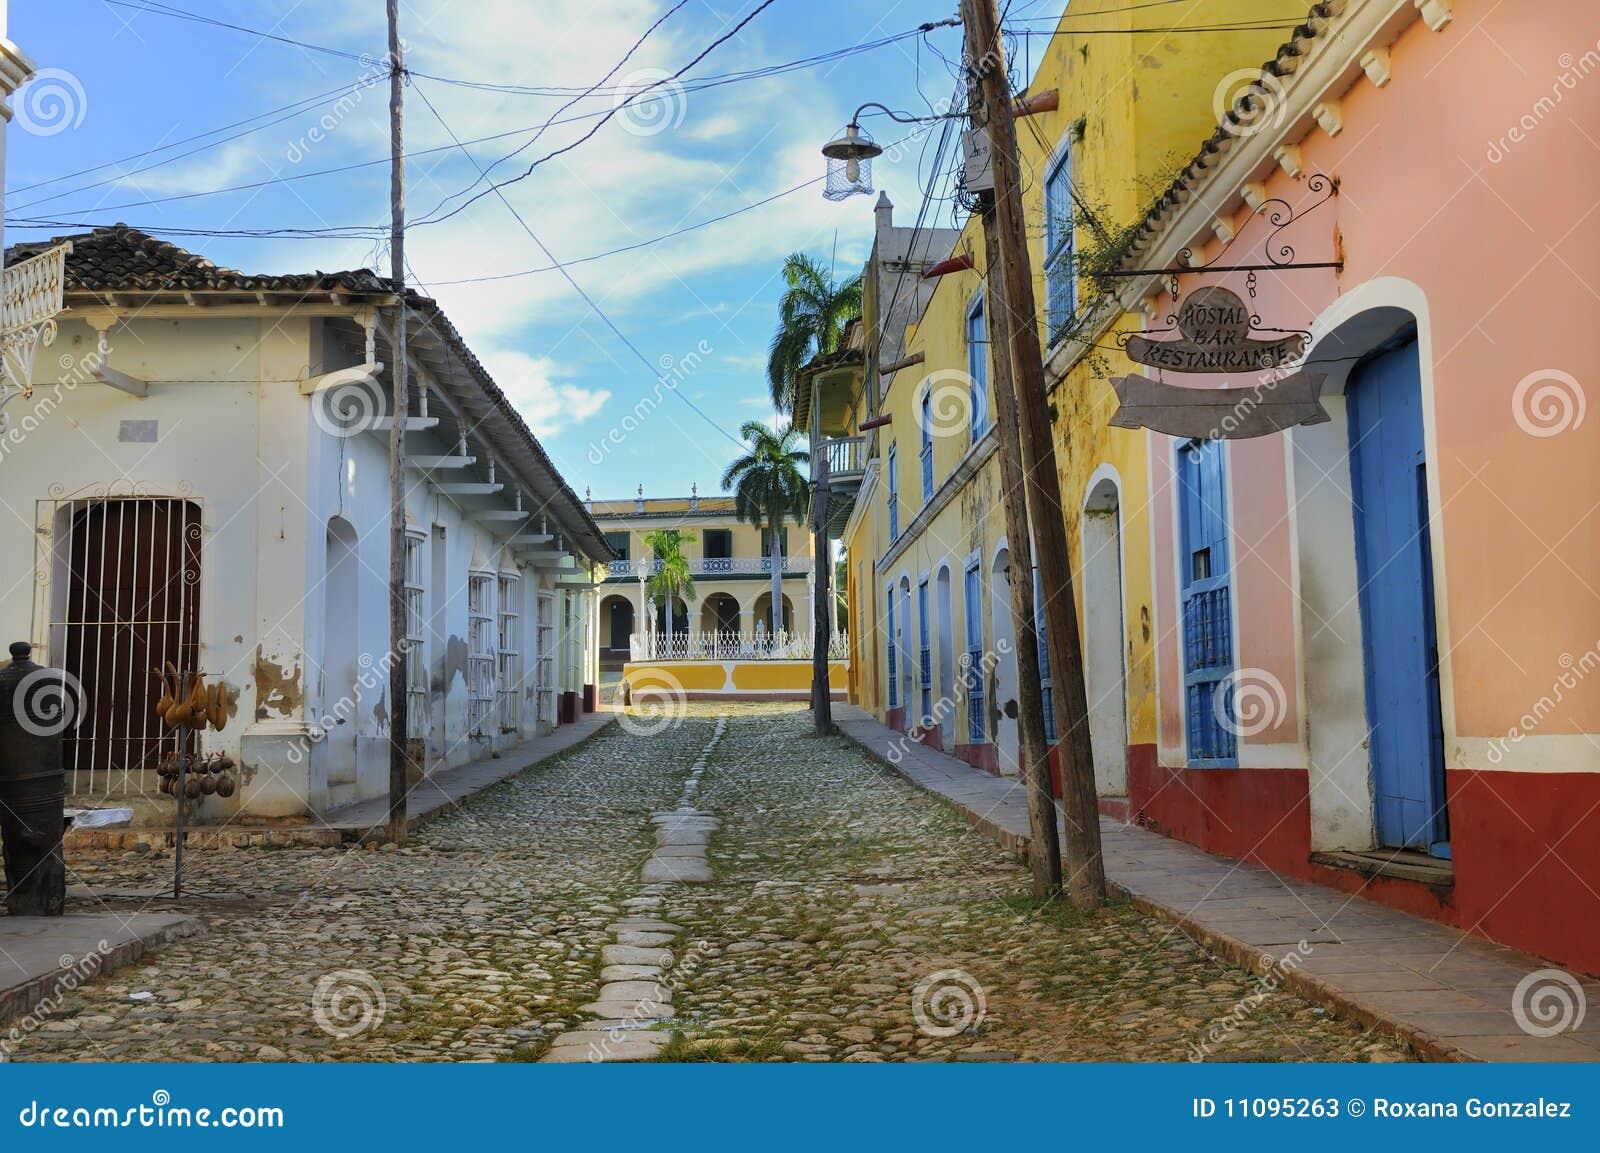 Constructions tropicales au Trinidad, Cuba